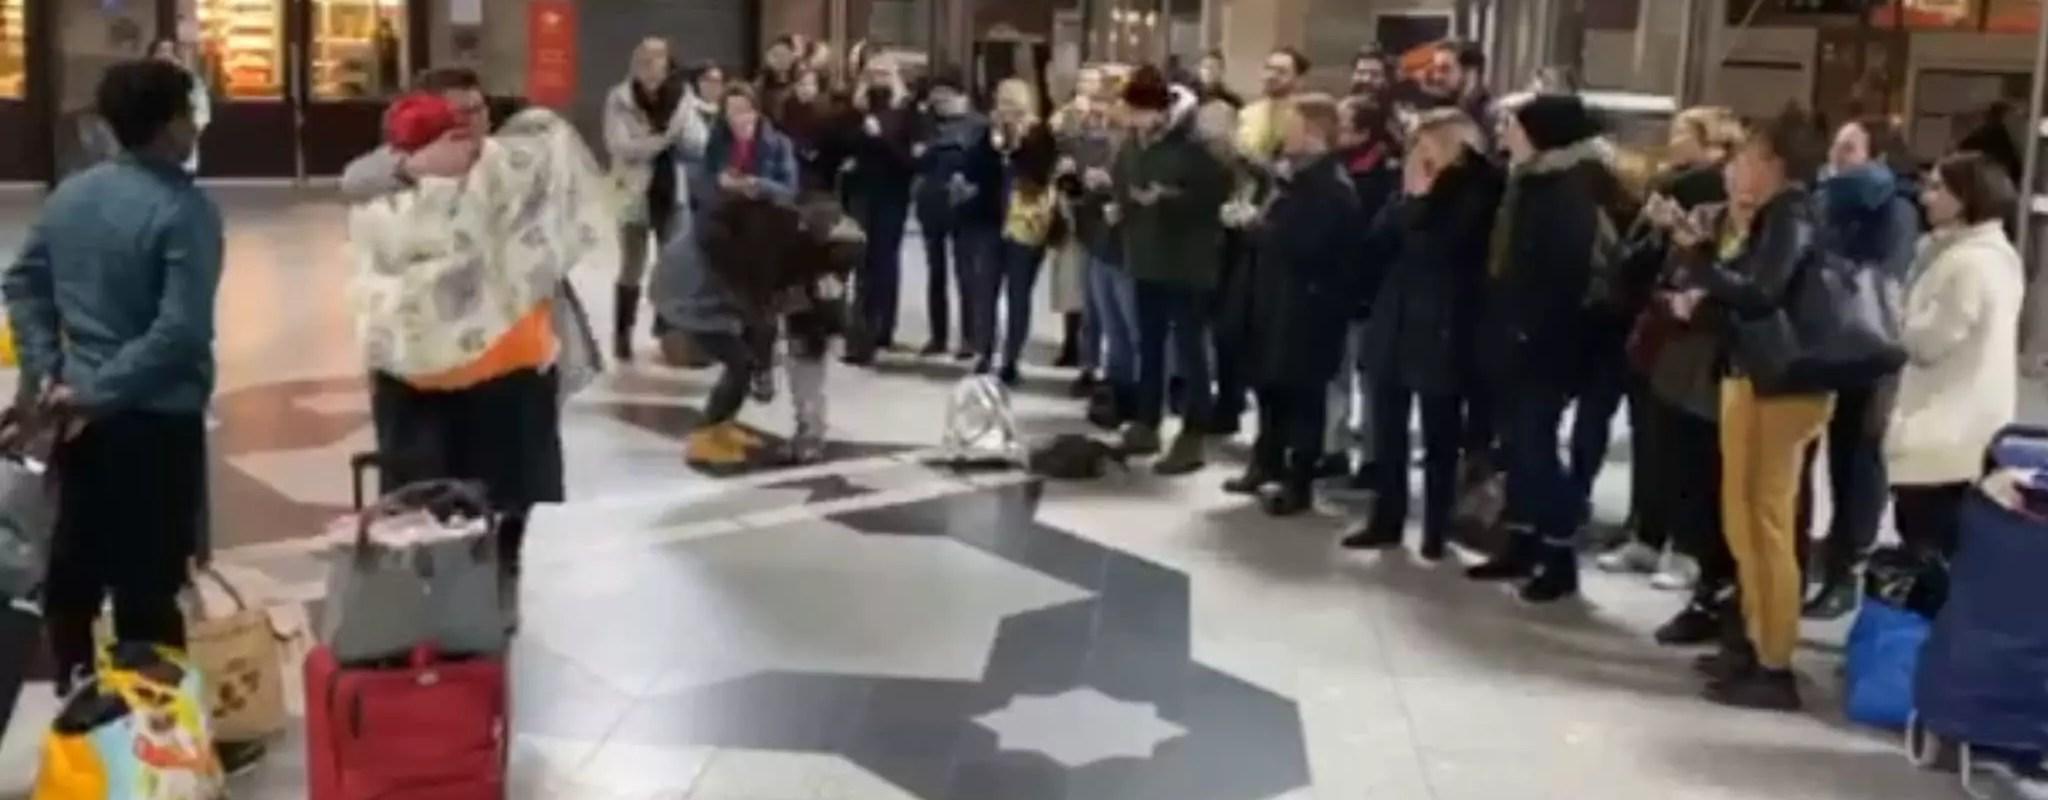 Après le centre de rétention, une famille angolaise de retour à Strasbourg